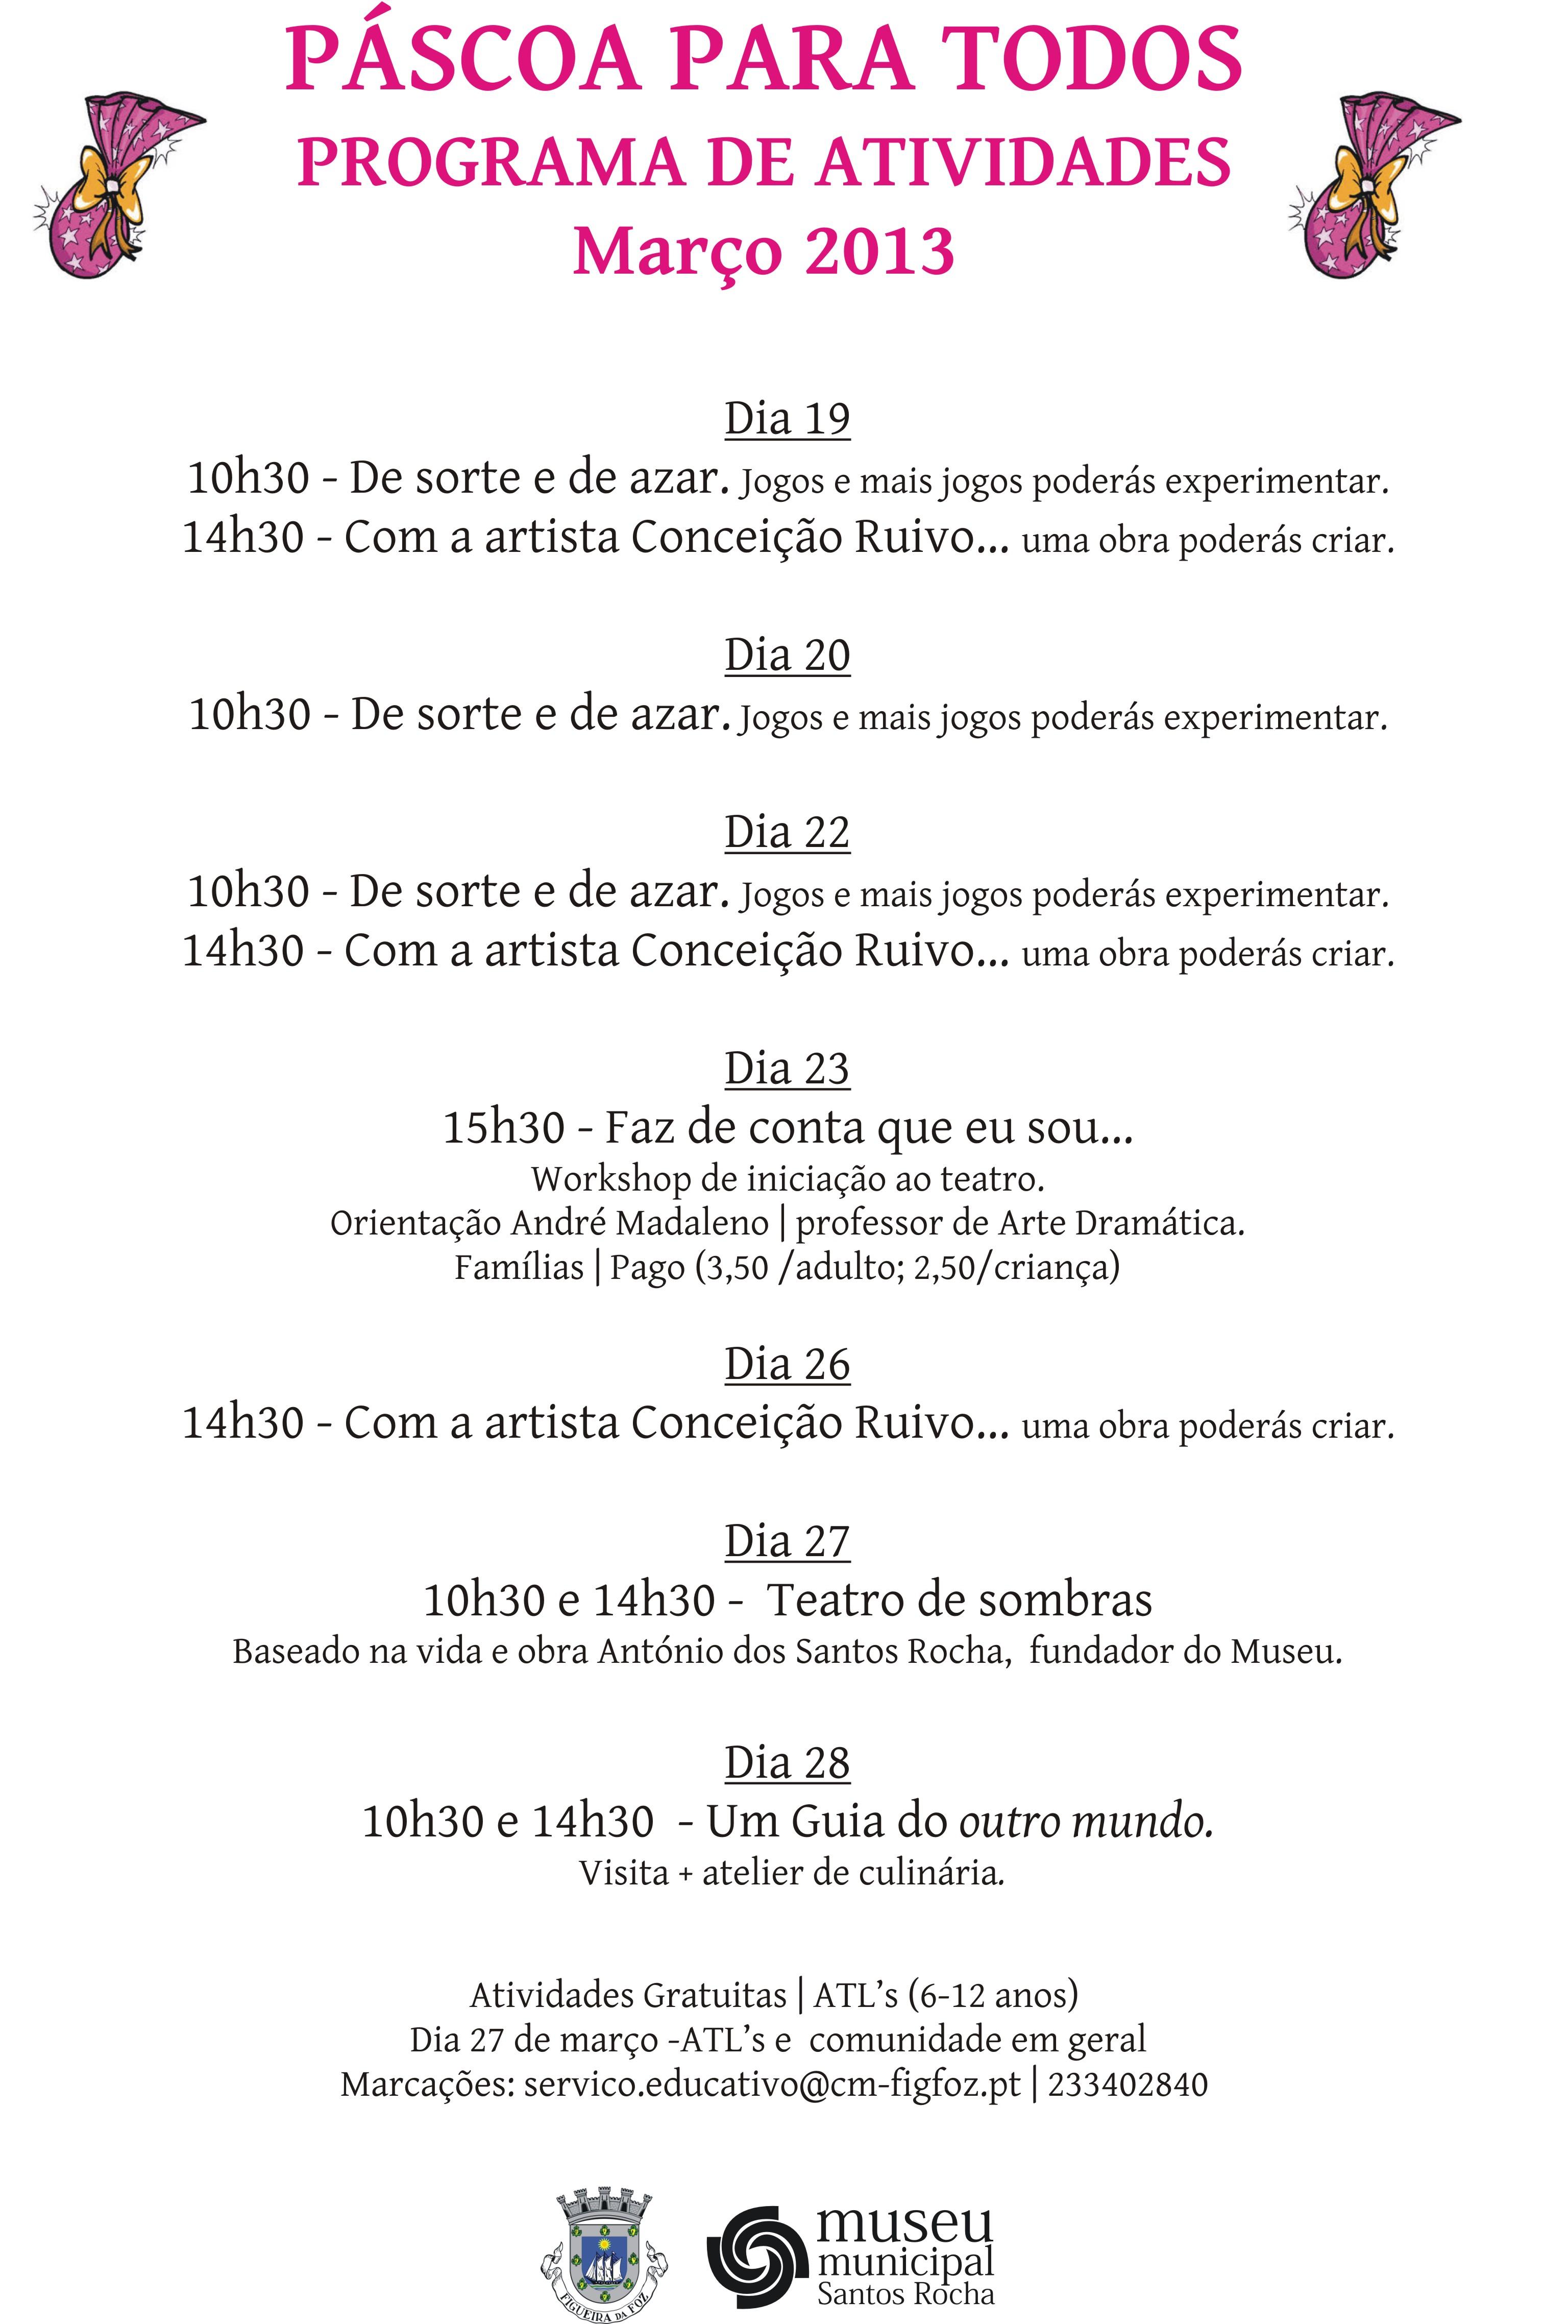 pascoa_figueira